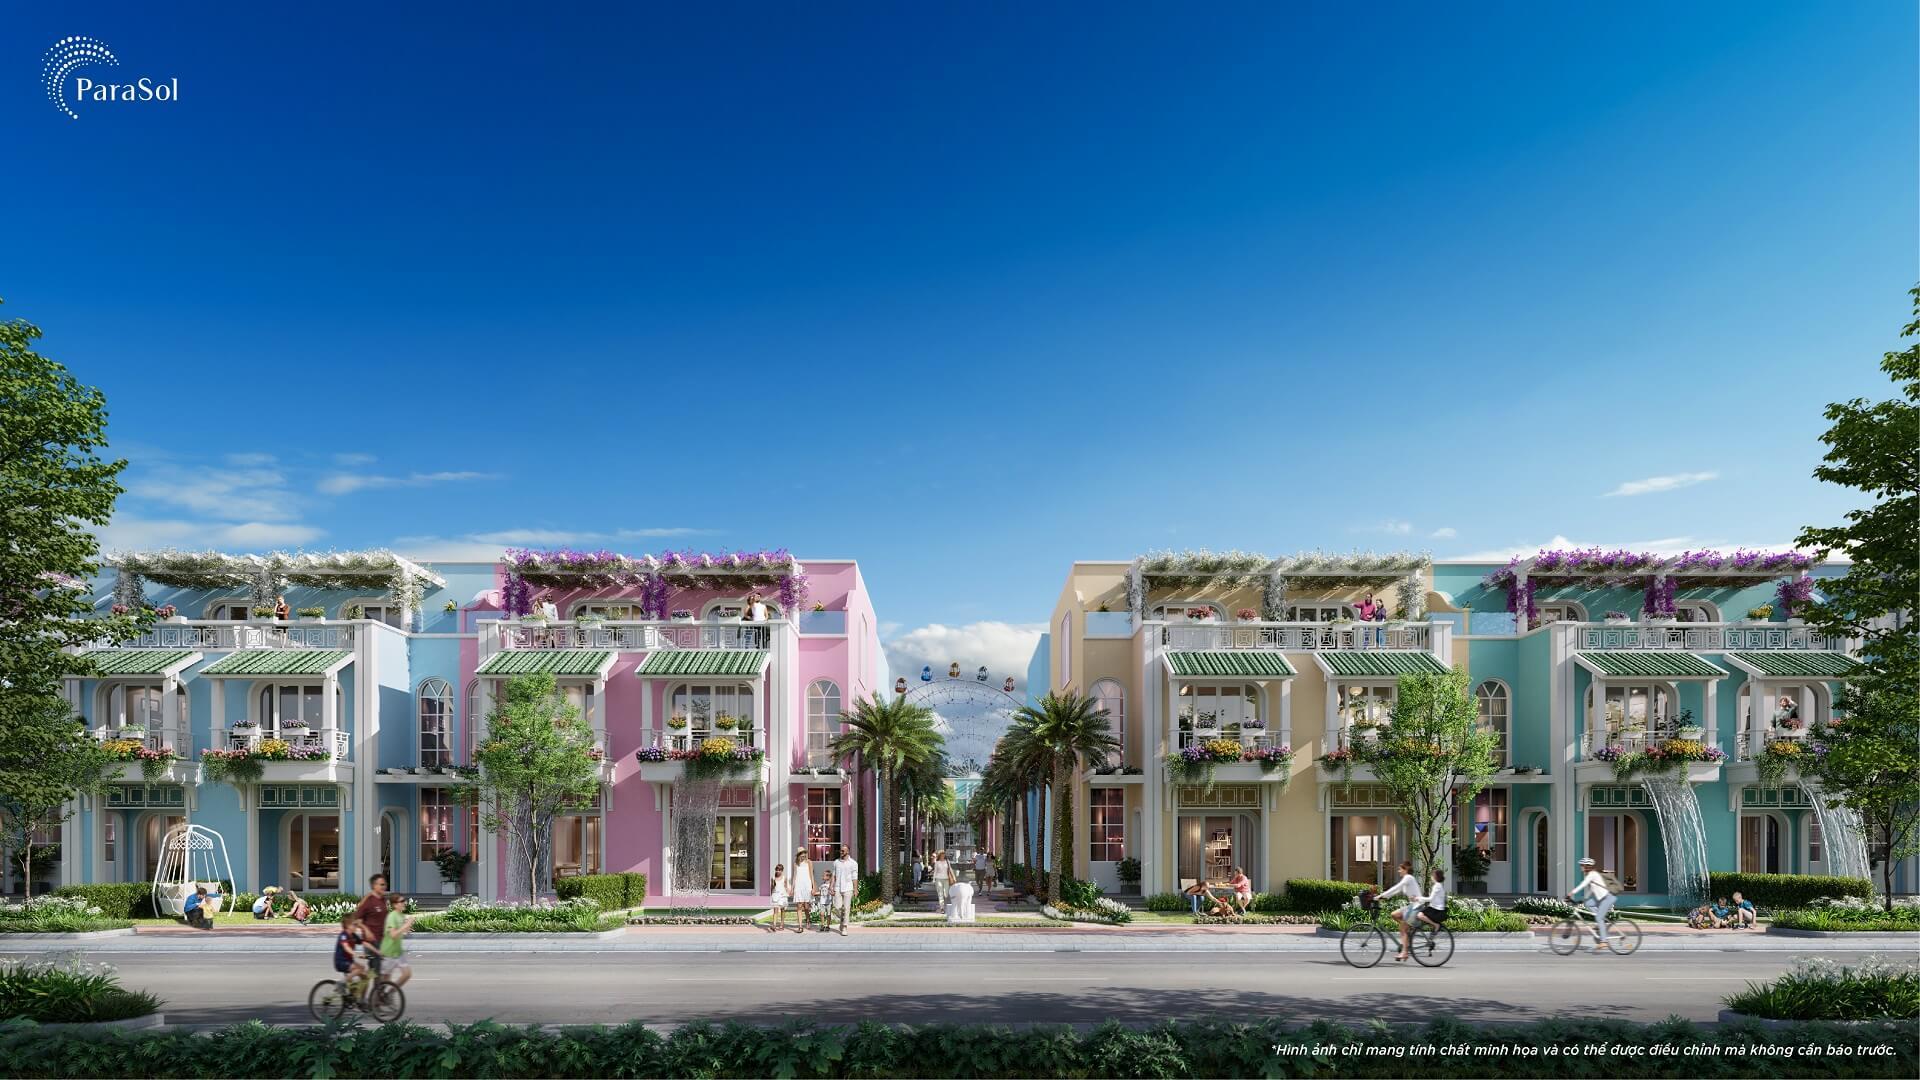 Nhà Liền kề 2,5 tầng Para Sol KN Paradise Cam Ranh Bãi Dài